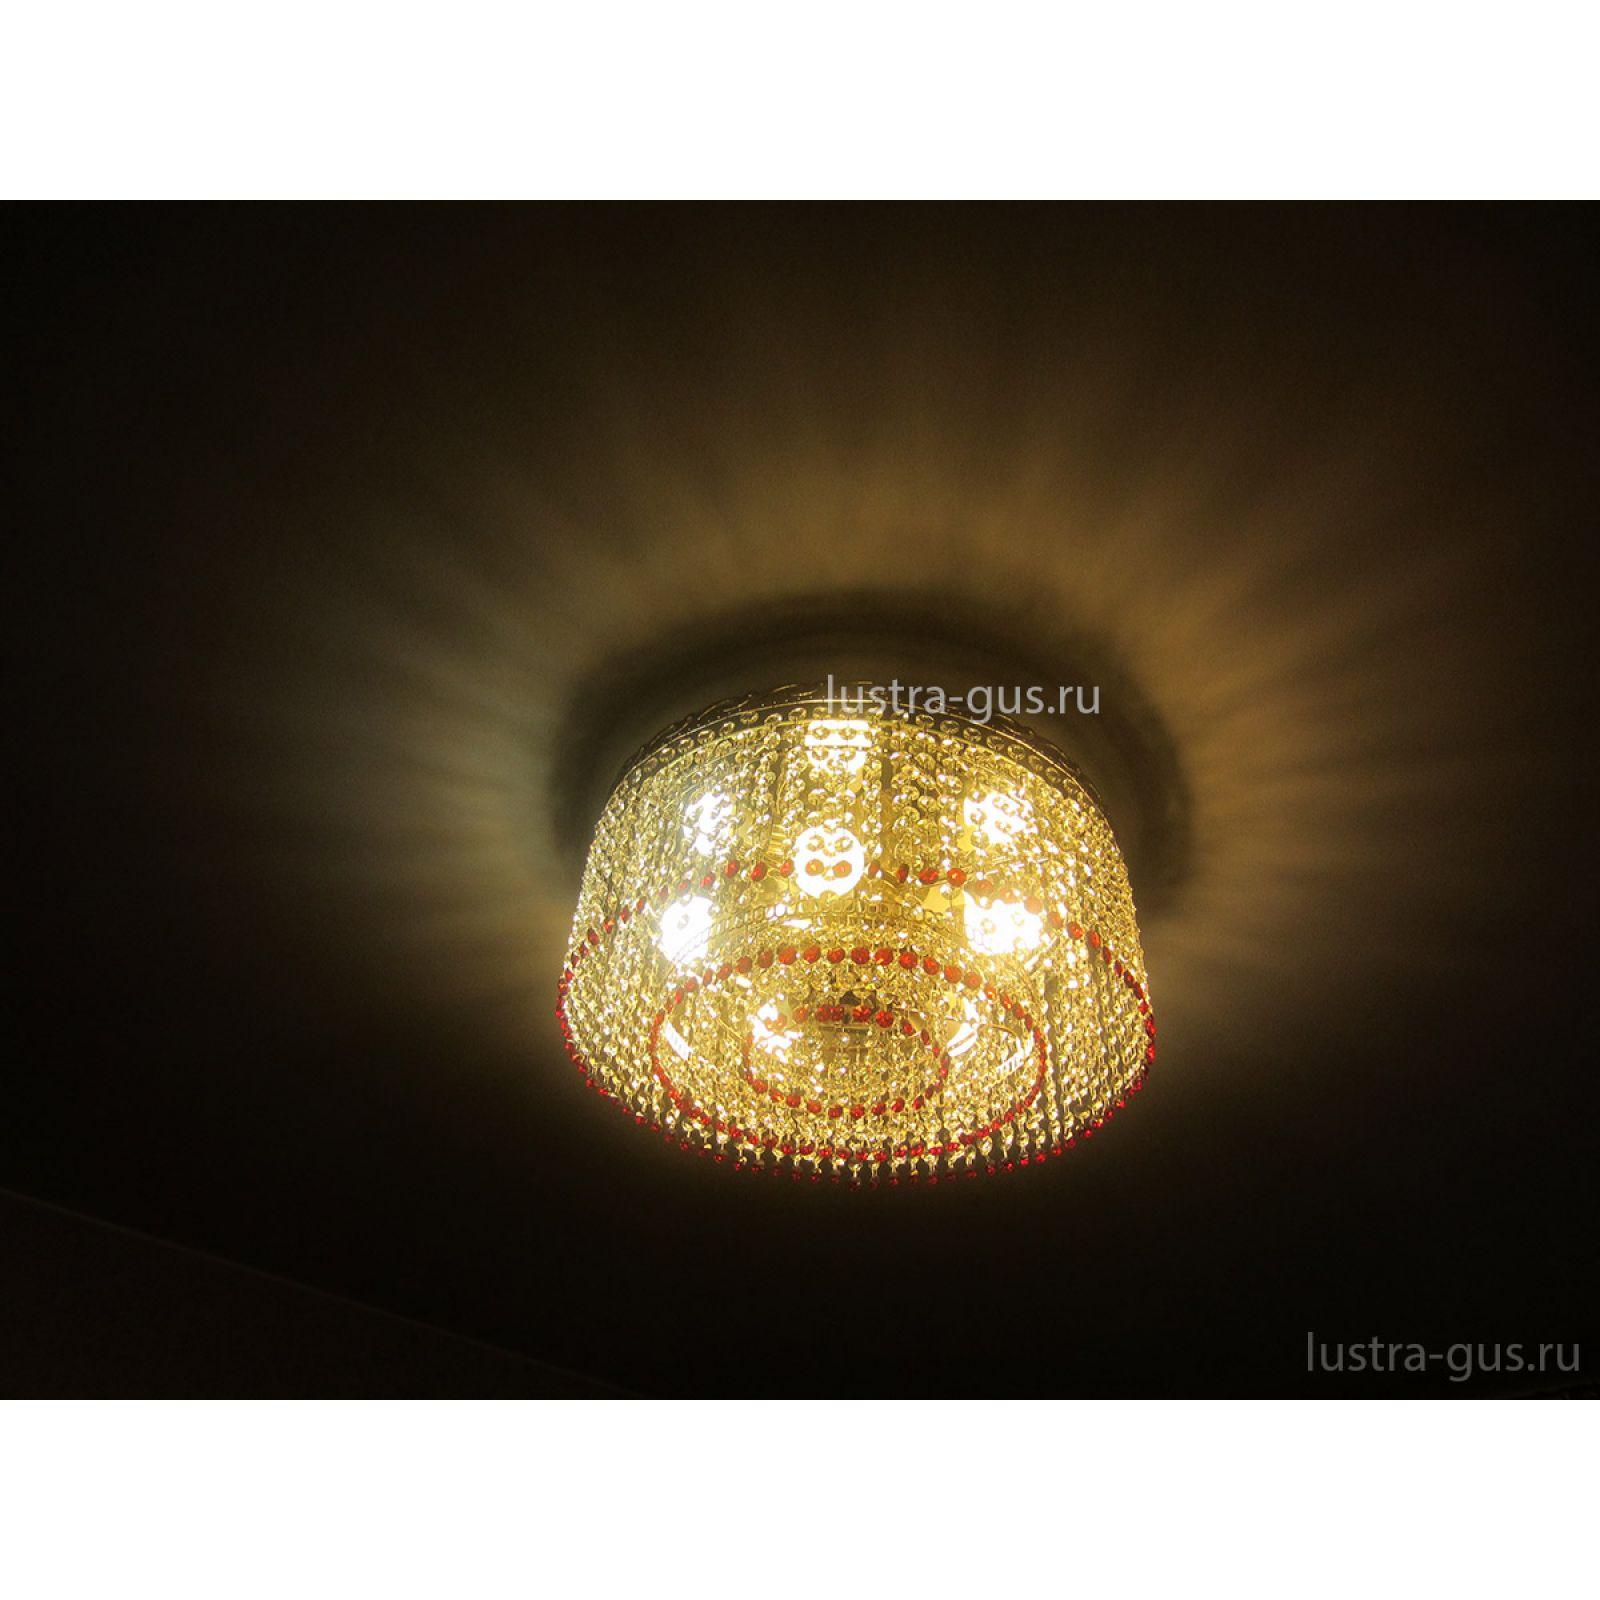 Люстра Капель обтикон 5 ламп